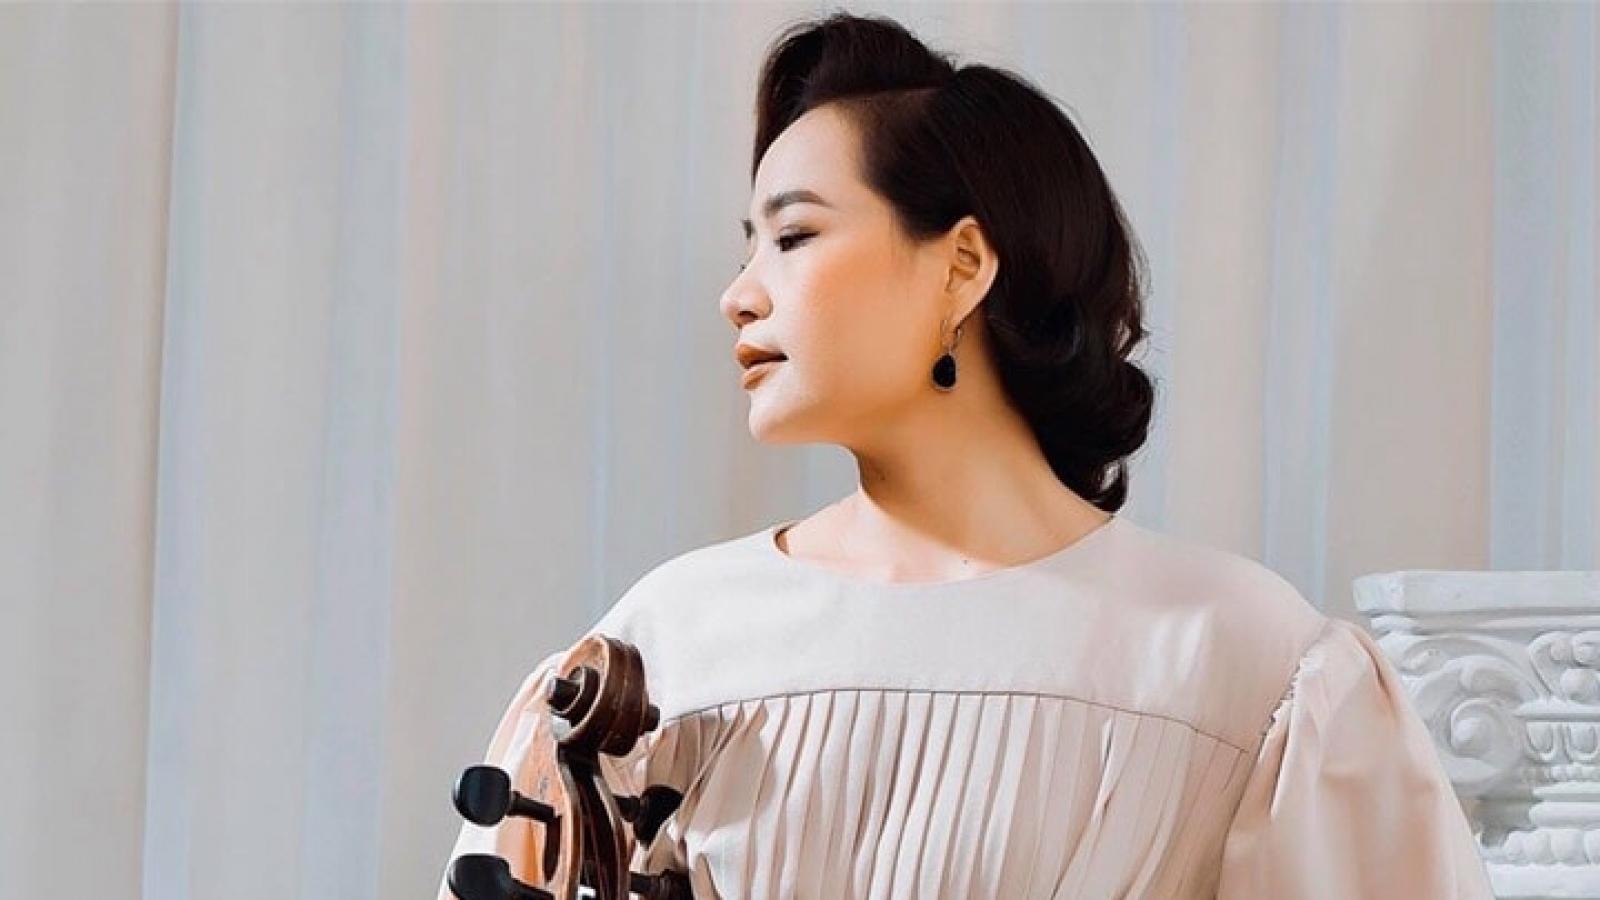 Nghệ sĩ Đinh Hoài Xuân tổ chức hòa nhạc online cổ vũ Việt Nam chống dịch